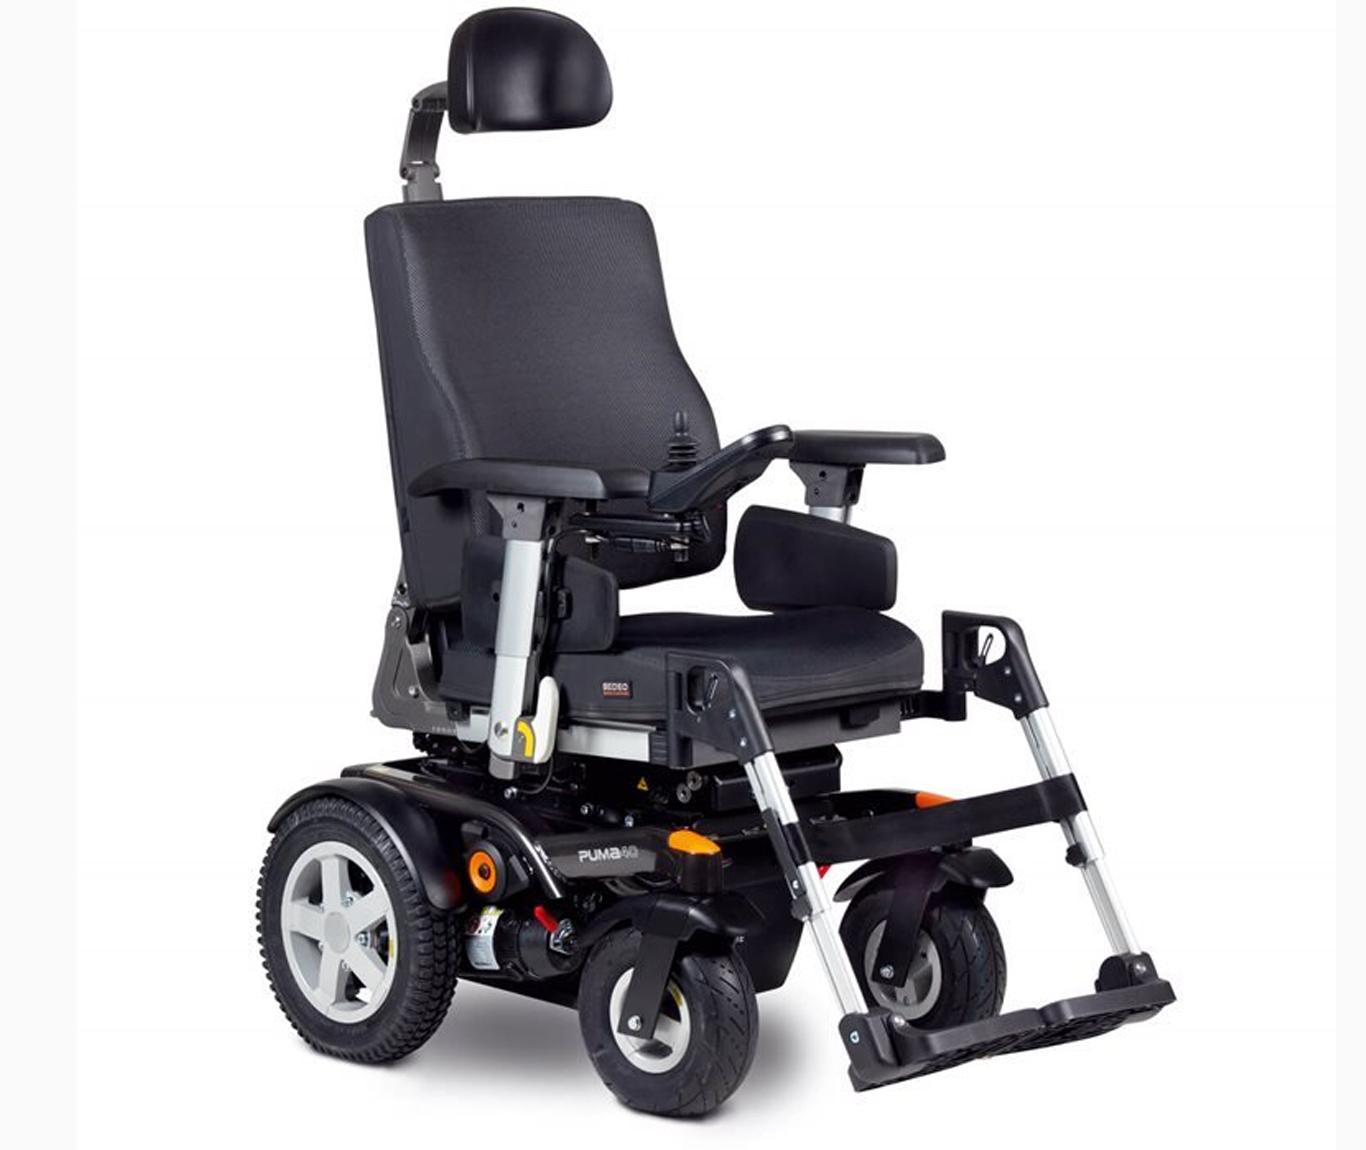 Puma 40 powerchair